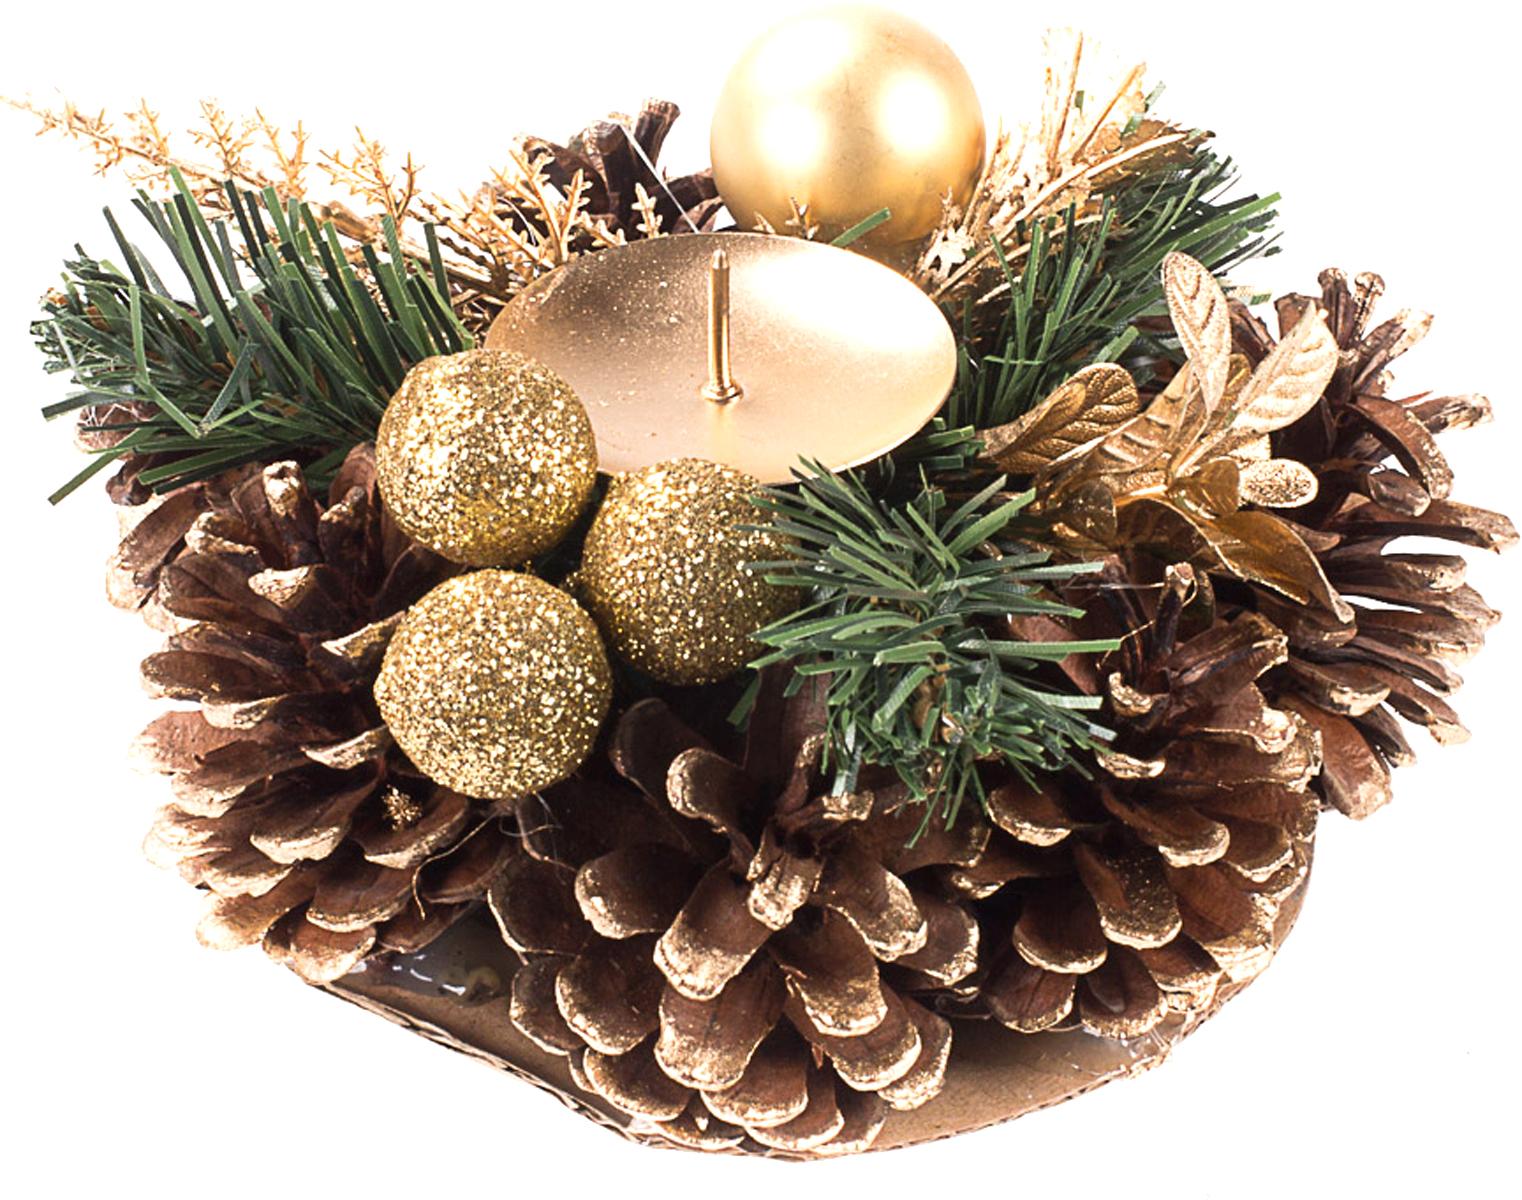 Подсвечник-сосновые шишки Vita Pelle, для длинной свечи. К11p2314К11p2314Подсвечник из сосновых шишек для длинной свечи